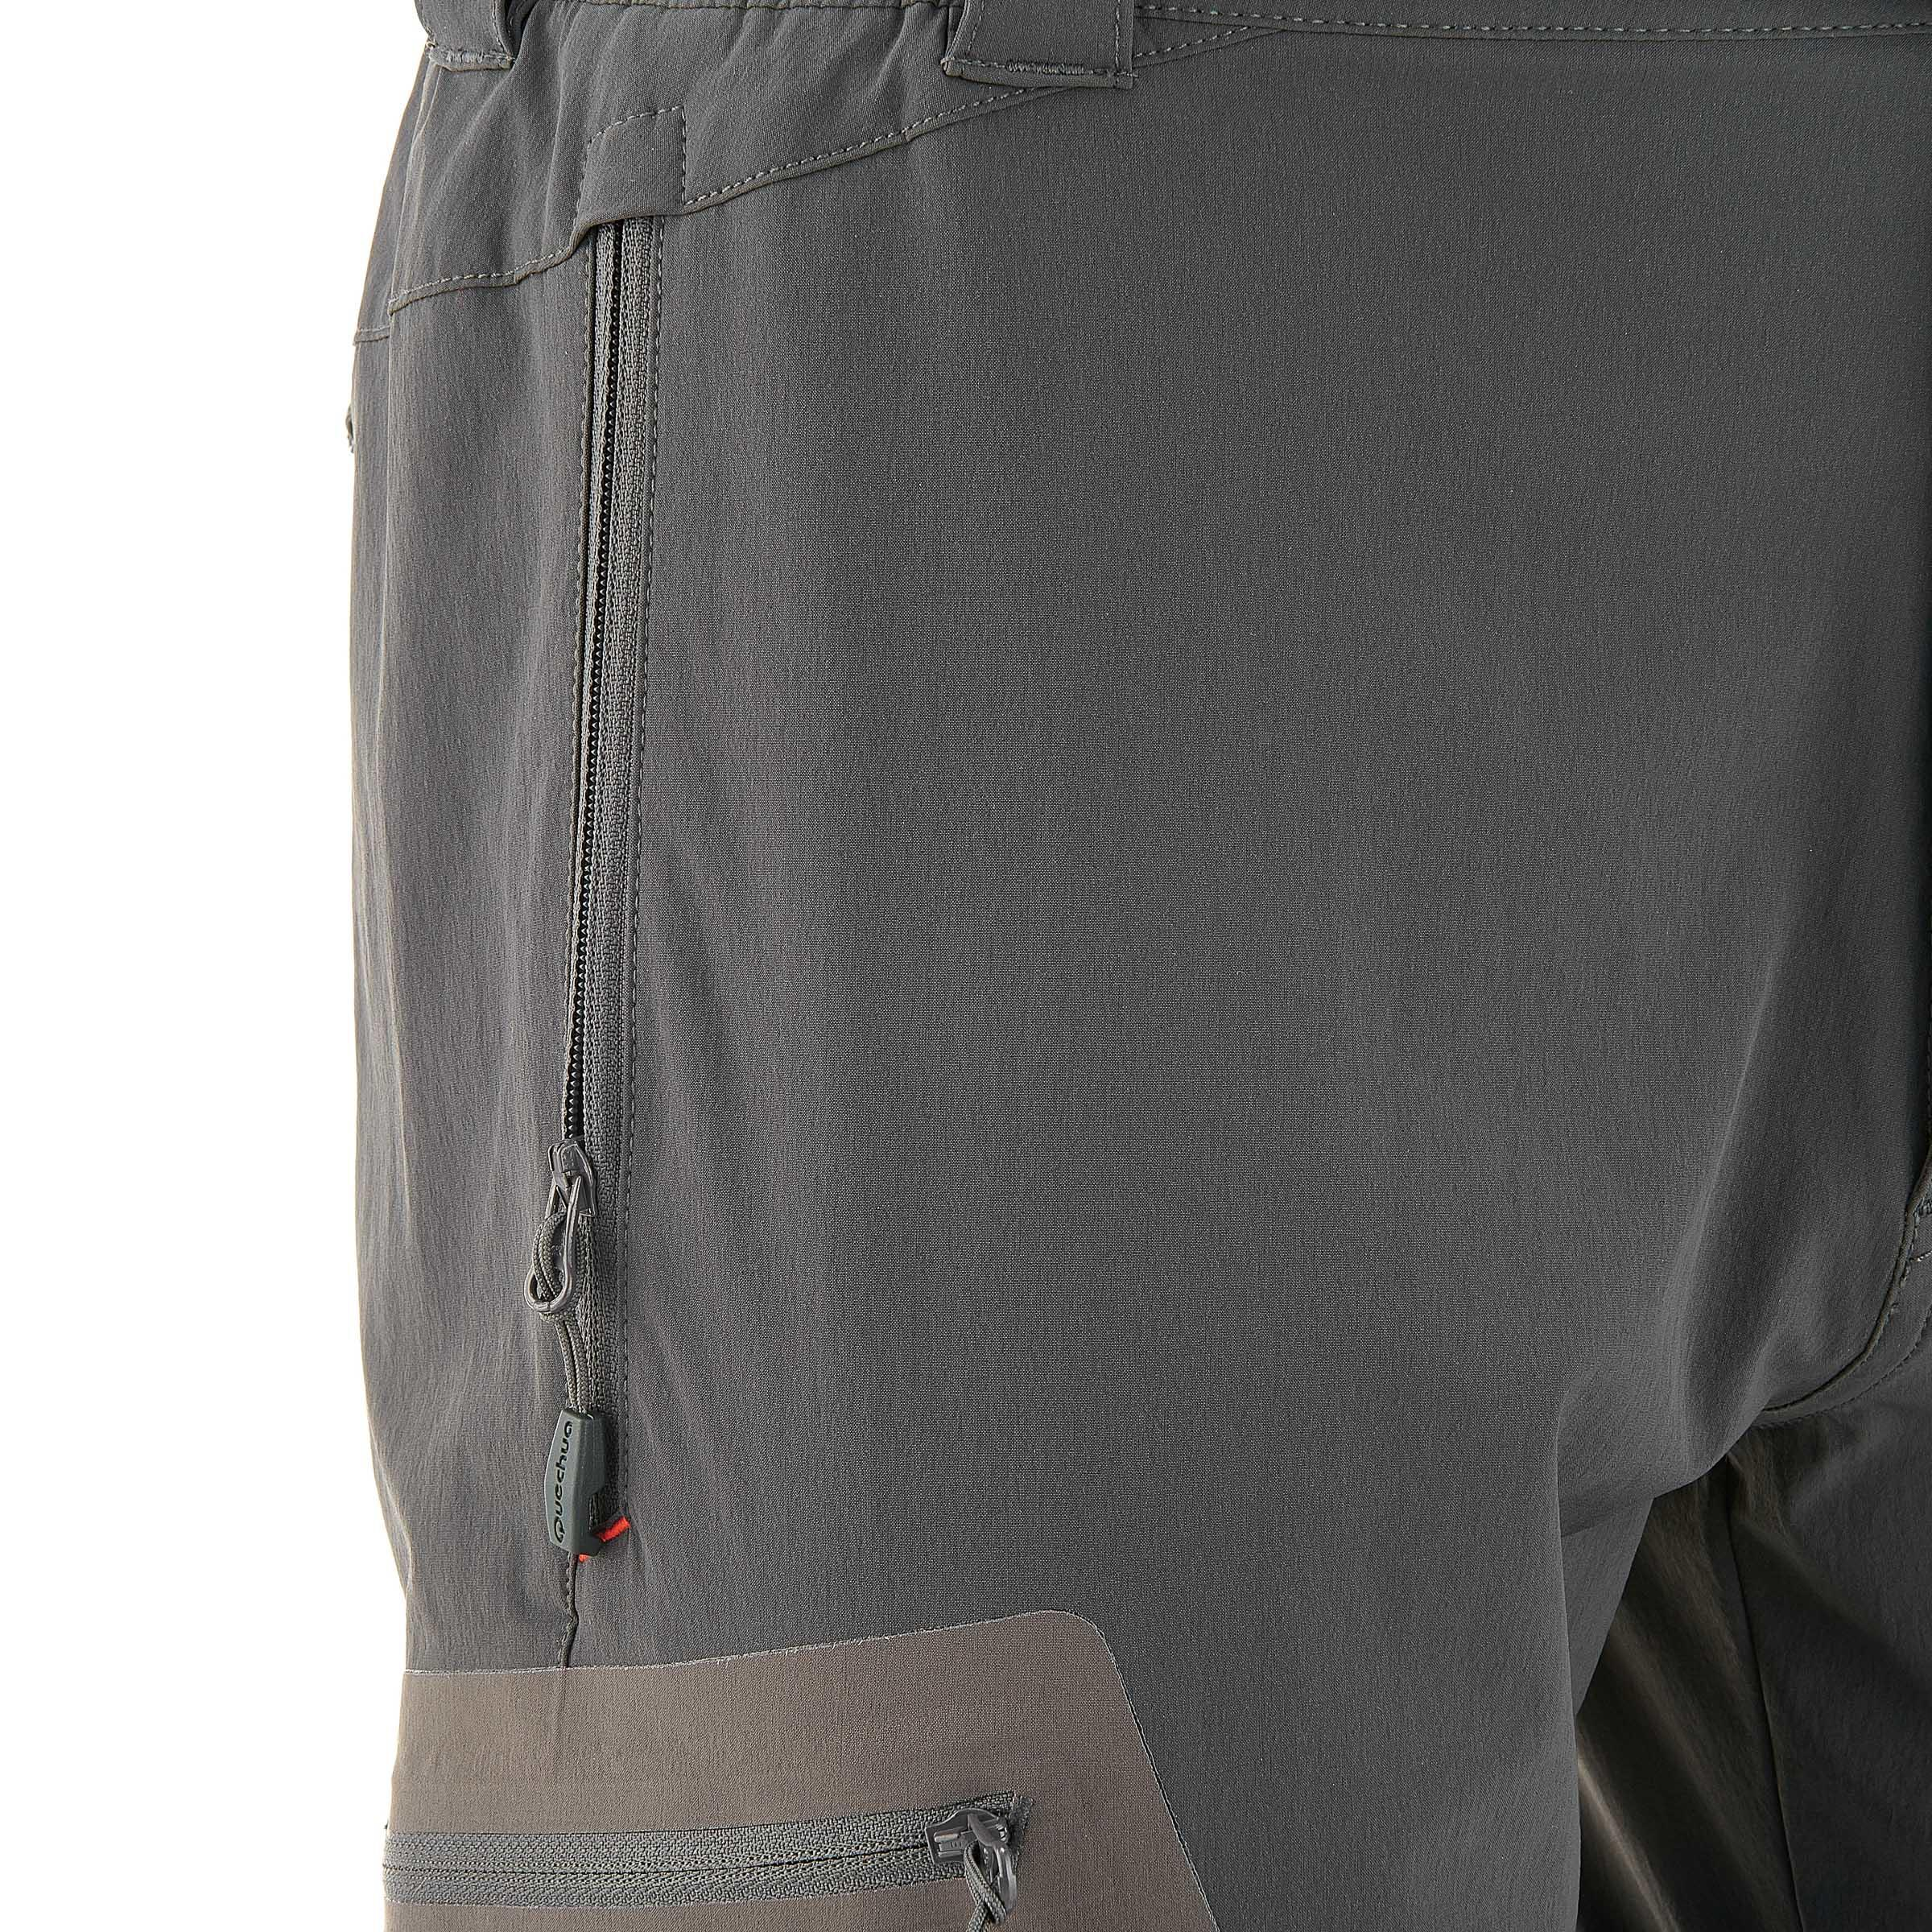 Gris Foncé Randonnée Forclaz Homme Pantalon 500 Modulable rWBxeQCdo